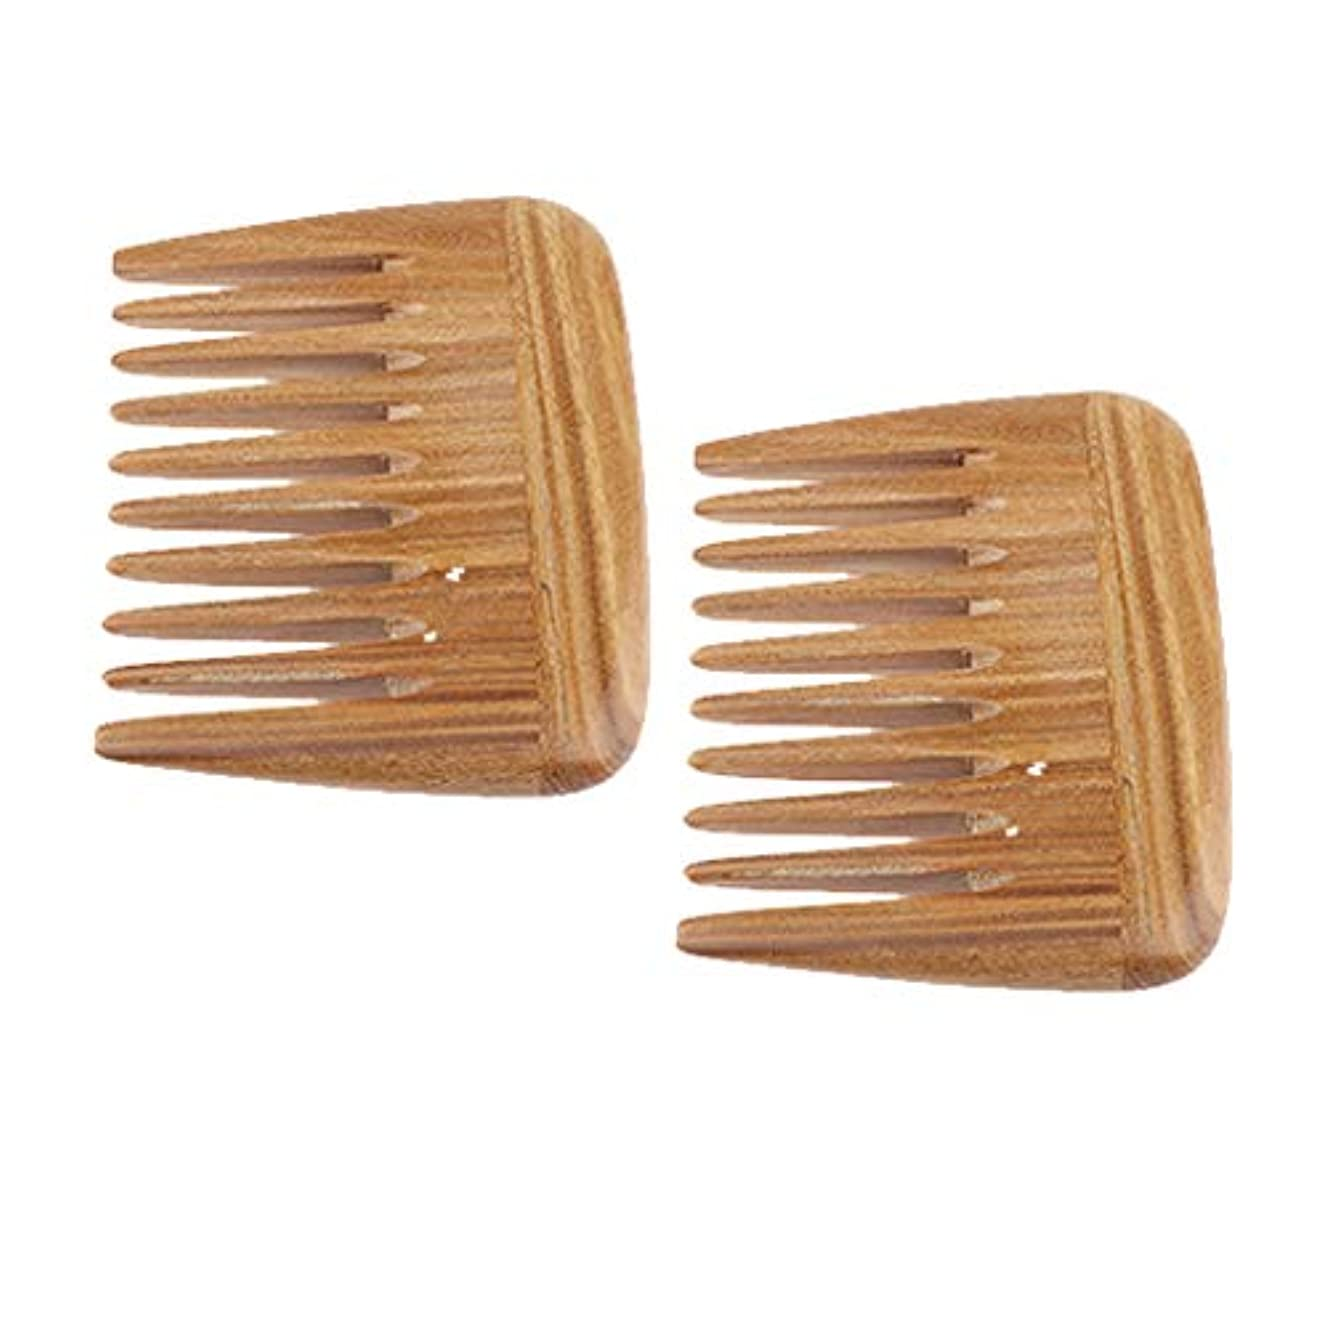 去る敵過度の2個 静電気防止櫛 ポケット 広い歯 ヘアコーム 木製櫛 プレゼント